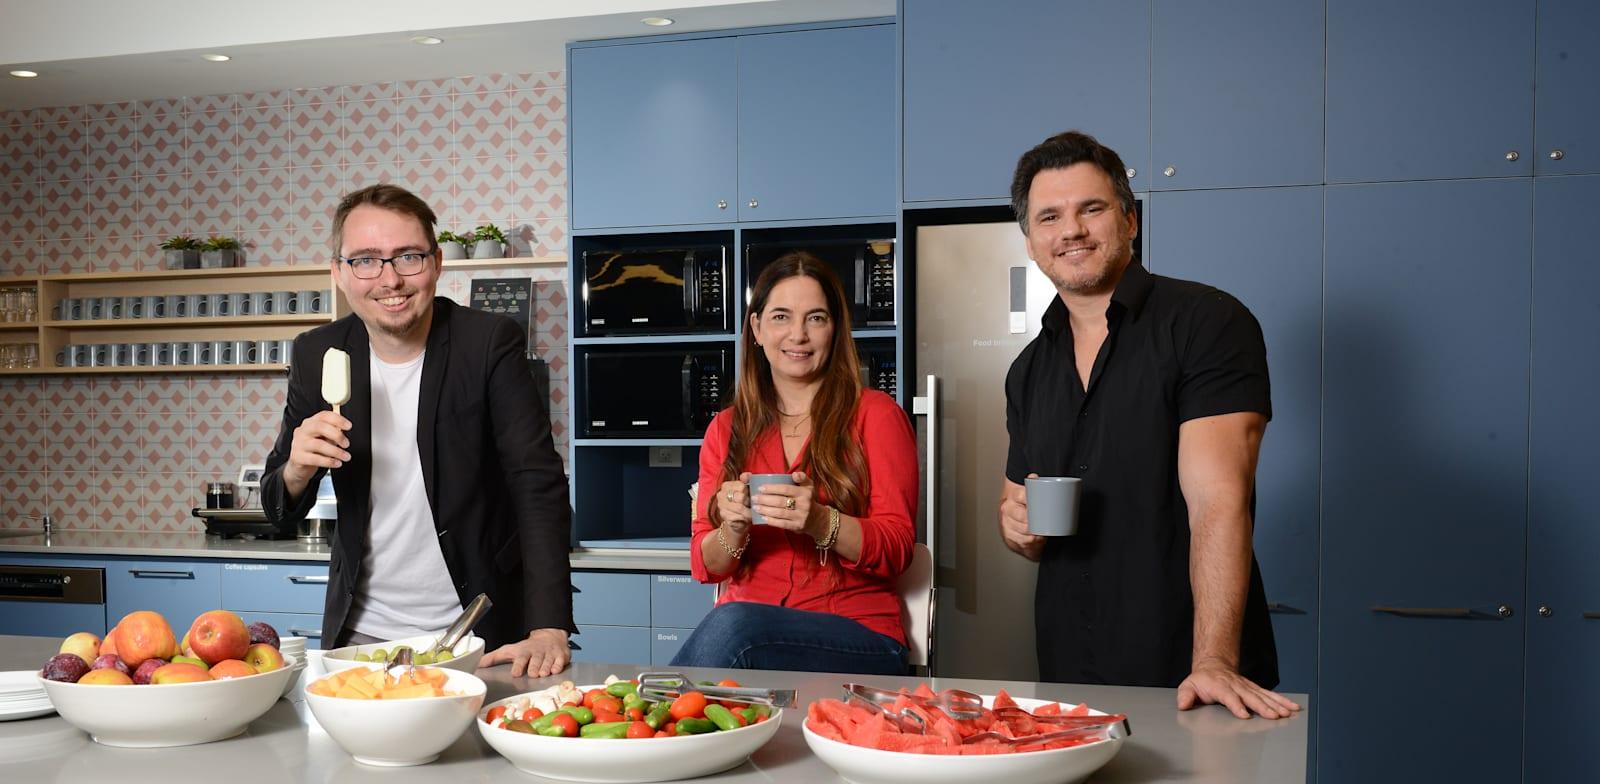 מימין: גדי מיקלס, עדי סיצ׳וק, ד''ר סלבה נובגורודוב. במטבחון איביי / צילום: איל יצהר